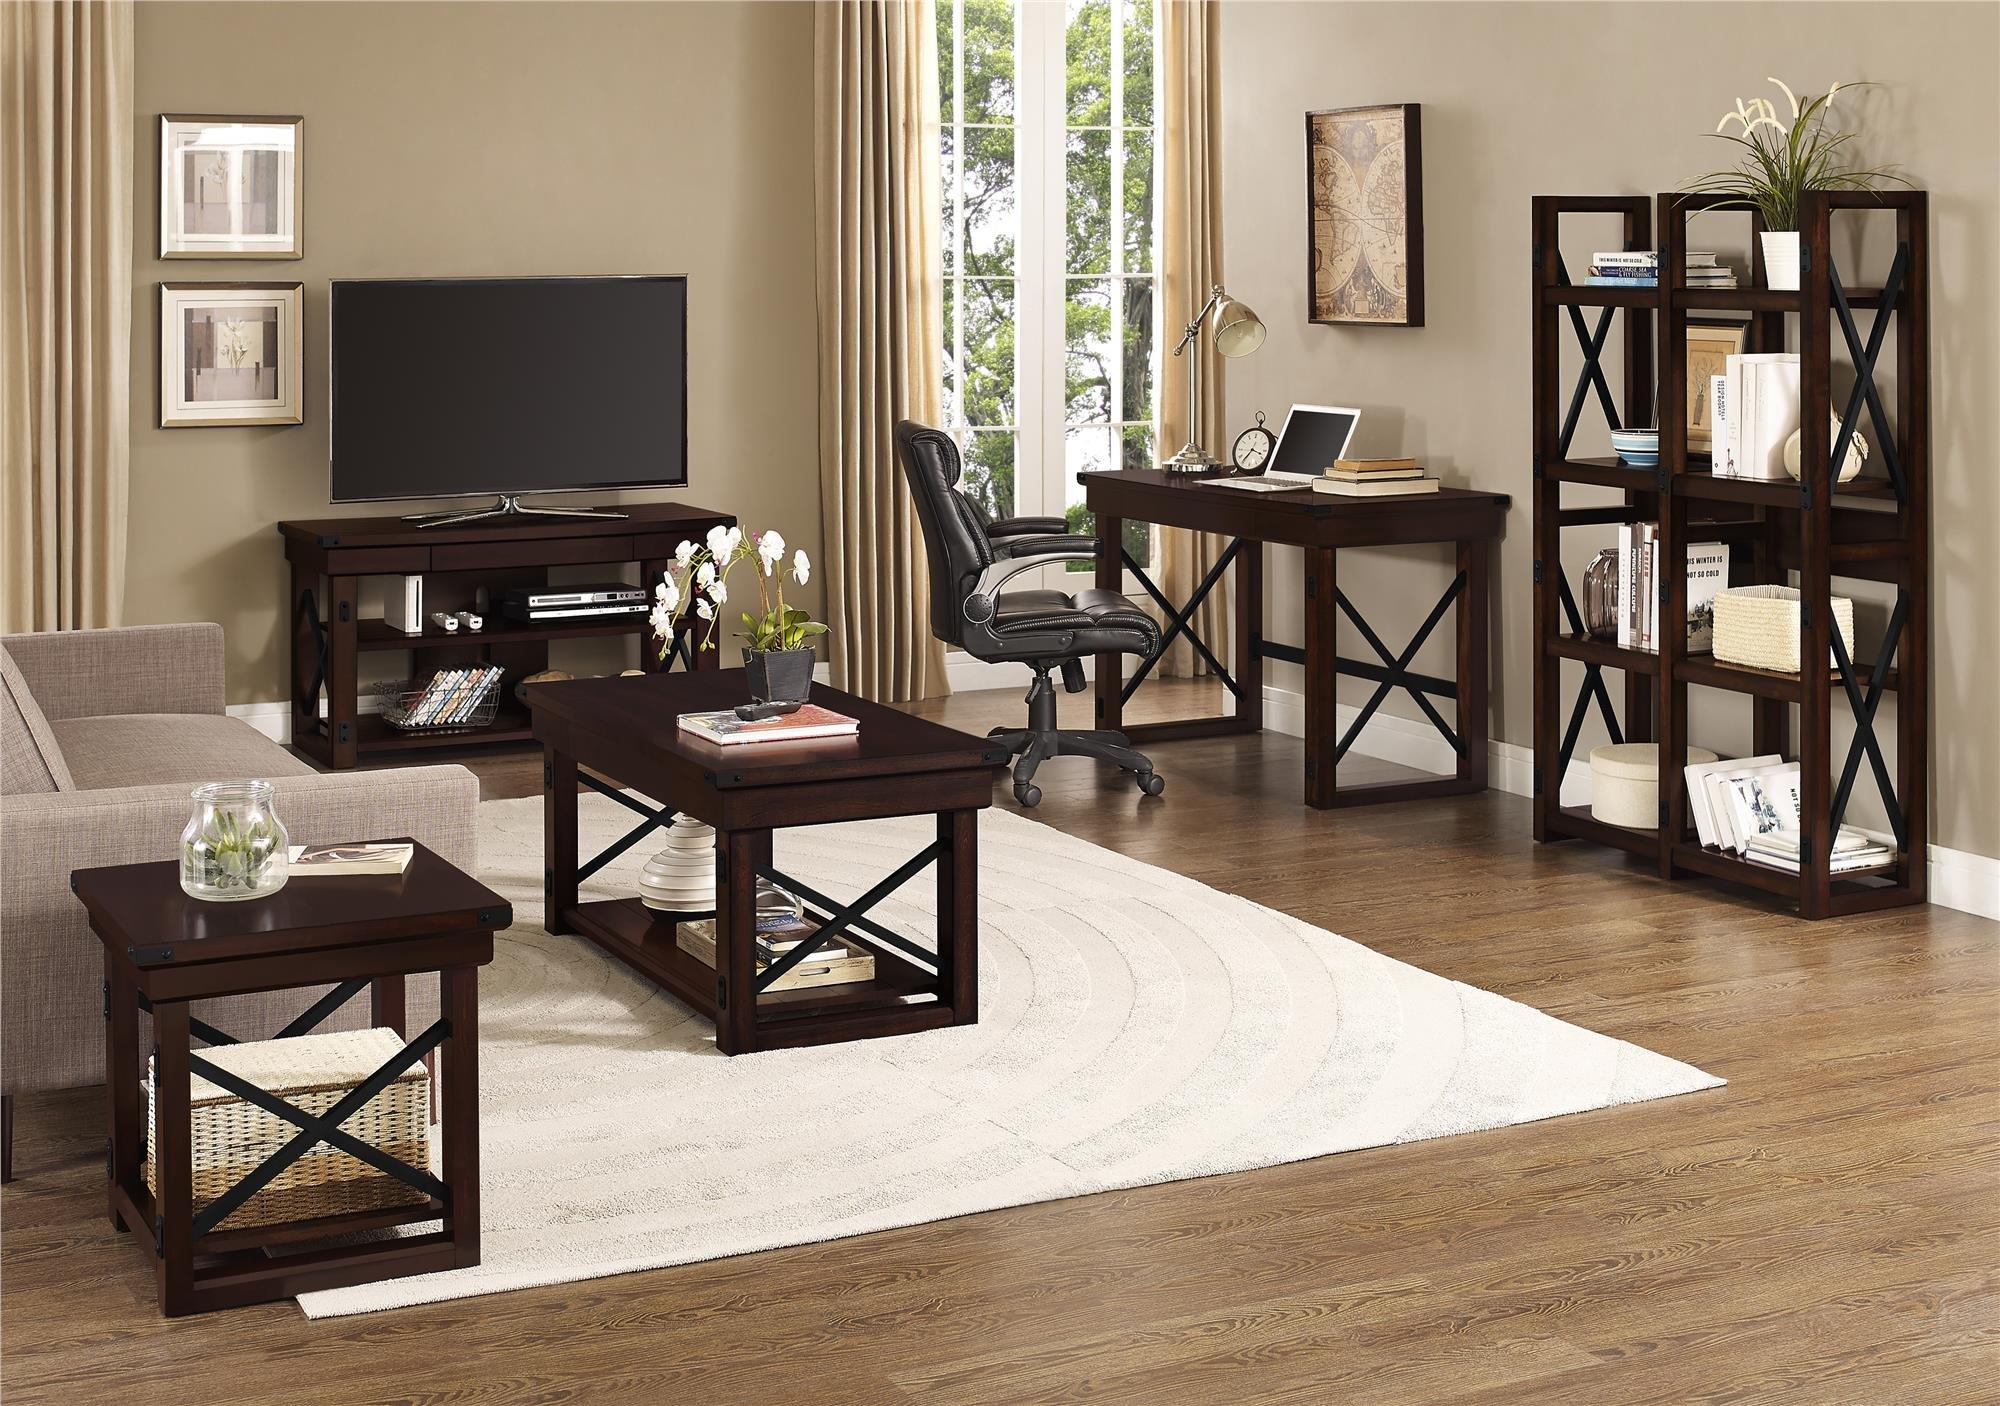 Ameriwood Home Wildwood Wood Veneer  Desk, Espresso by Ameriwood Home (Image #5)